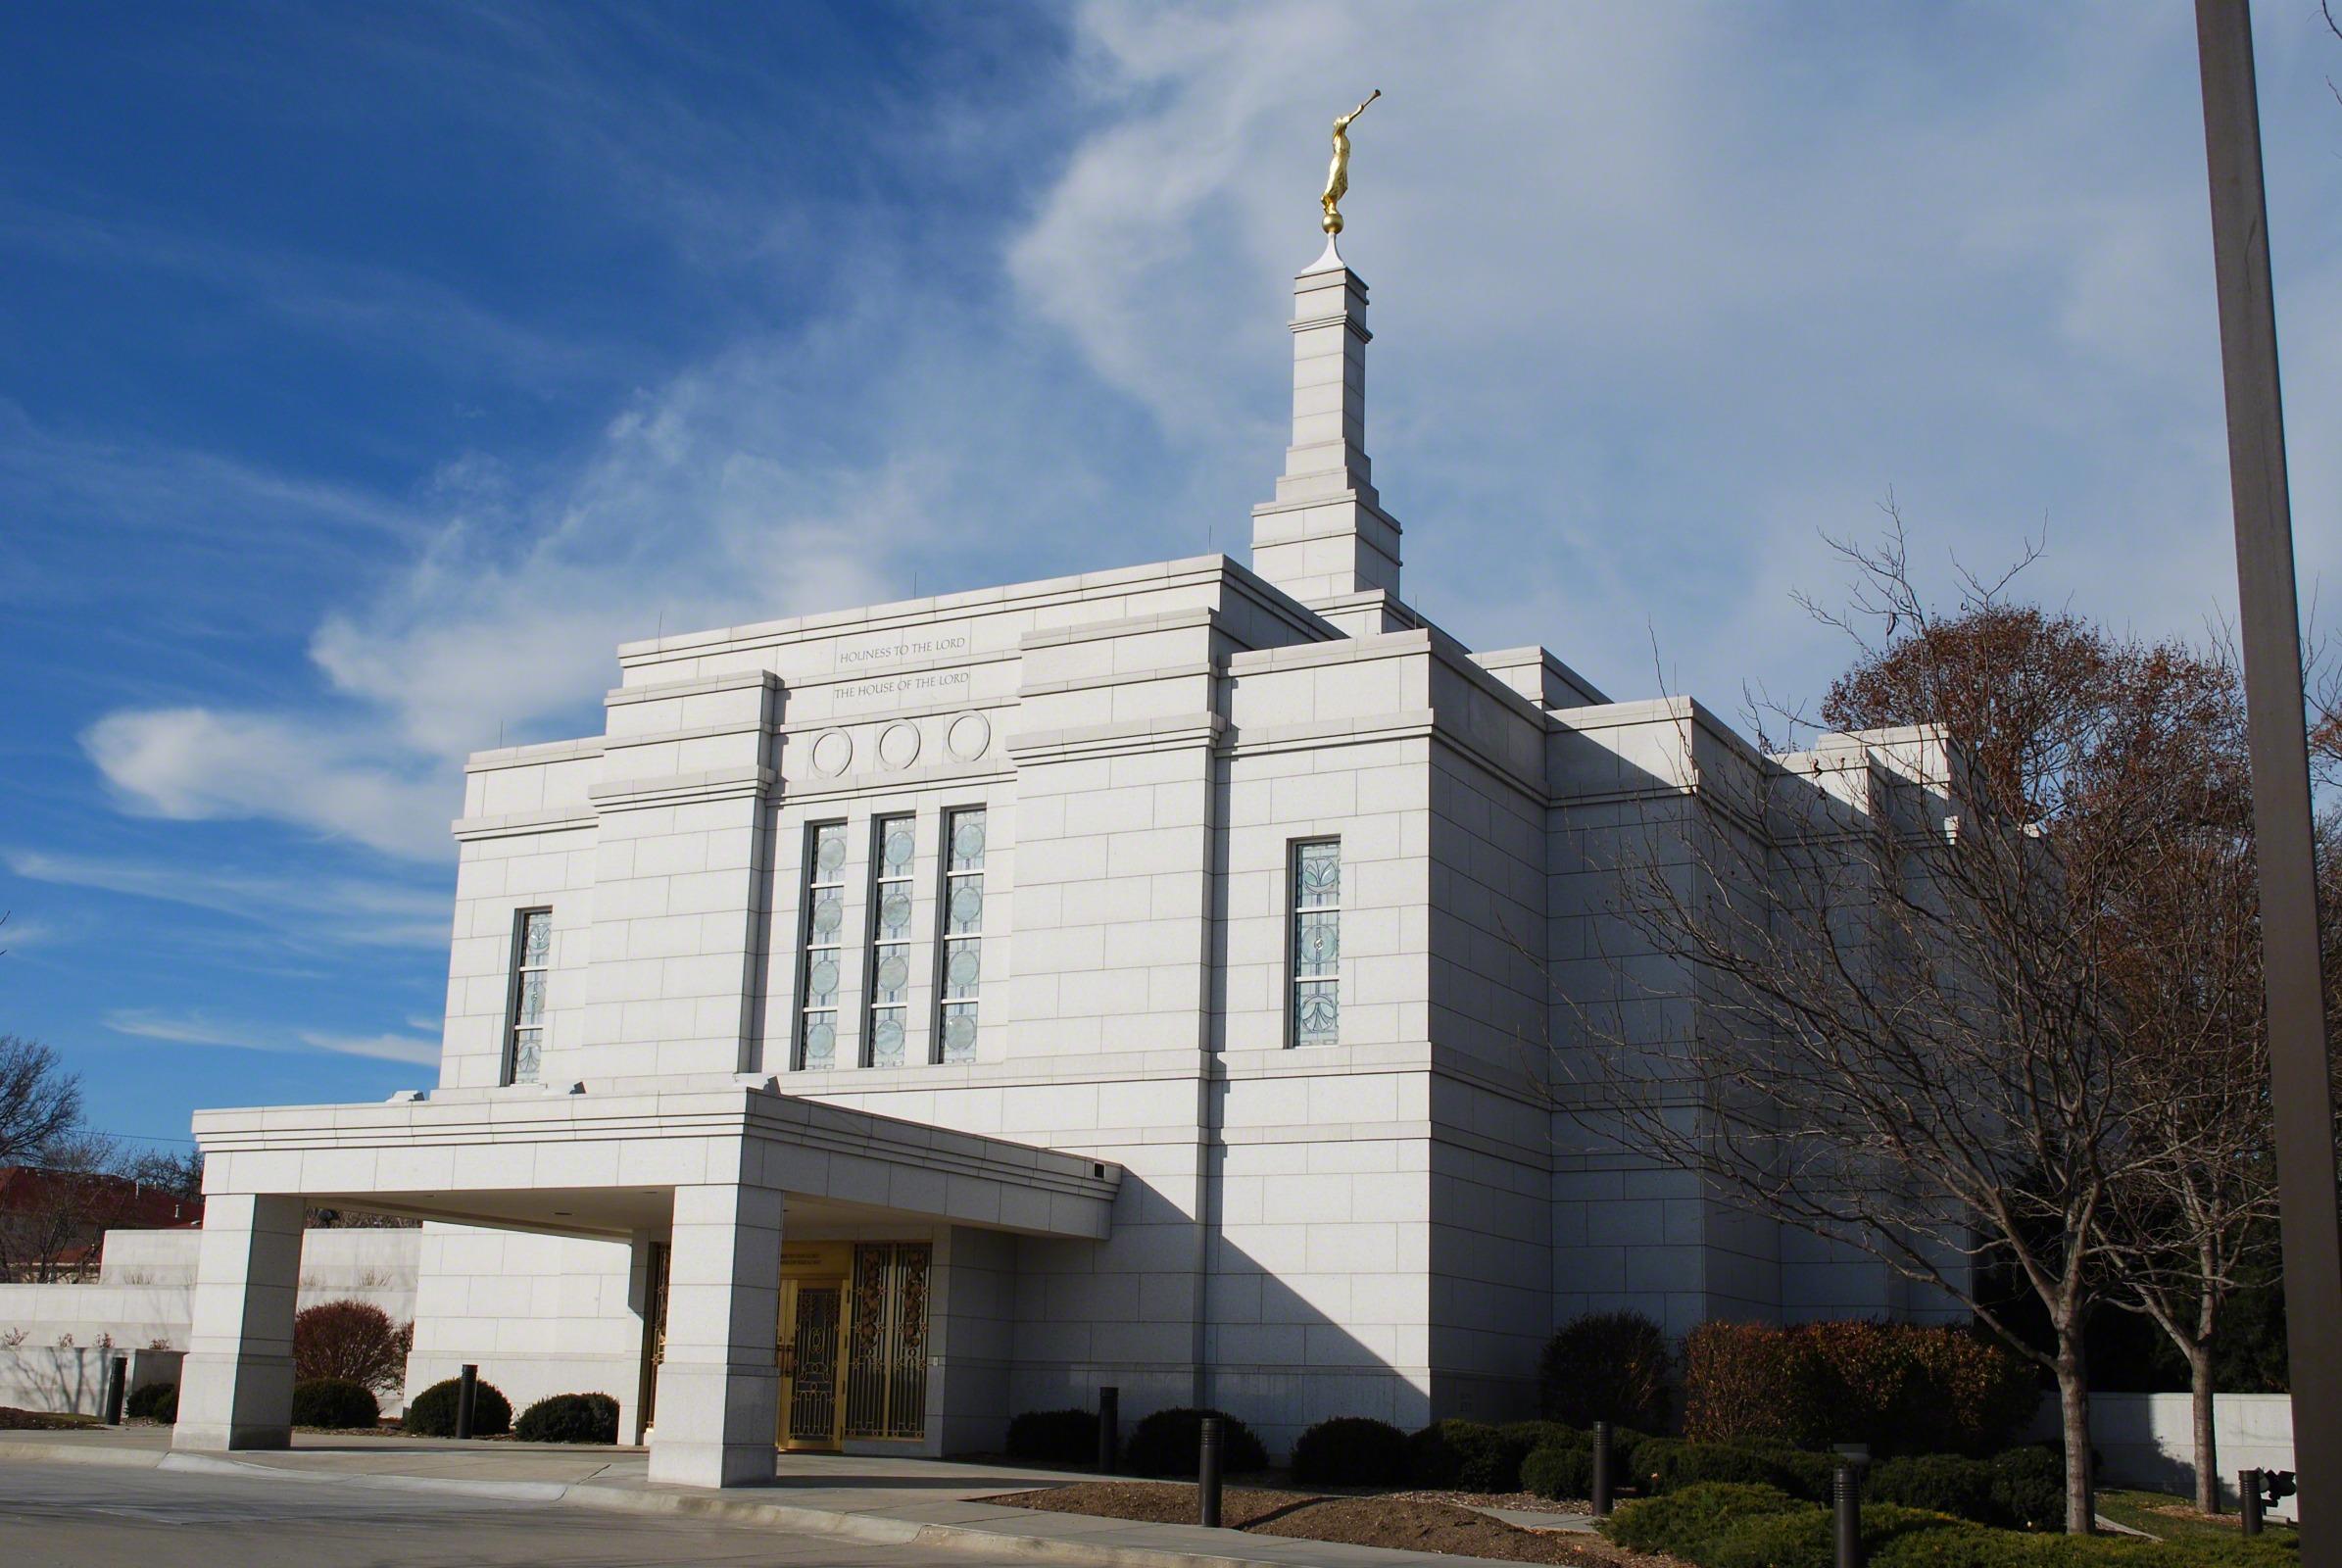 The Church of Jesus Christ of Latter-day Saints - Carnation WA | 32751 NE 45th St, Carnation, WA, 98014 | +1 (425) 333-4222